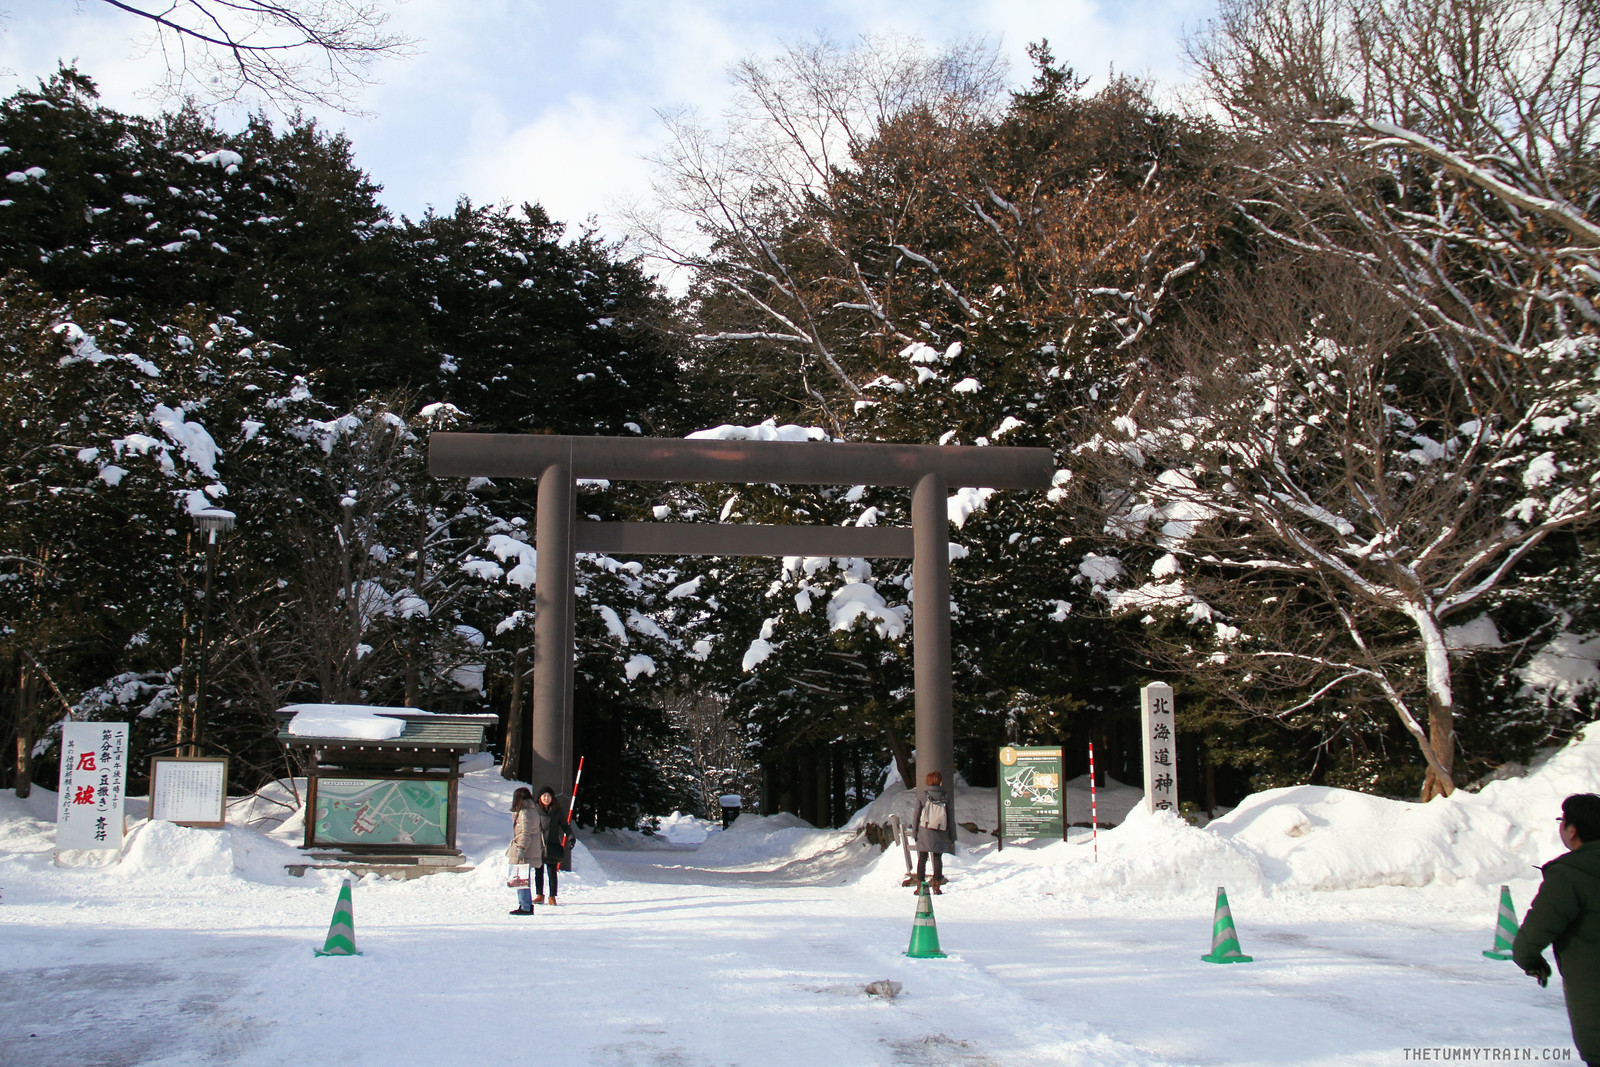 32101026783 e4d635993b h - Sapporo Snow And Smile: 8 Unforgettable Winter Experiences in Sapporo City